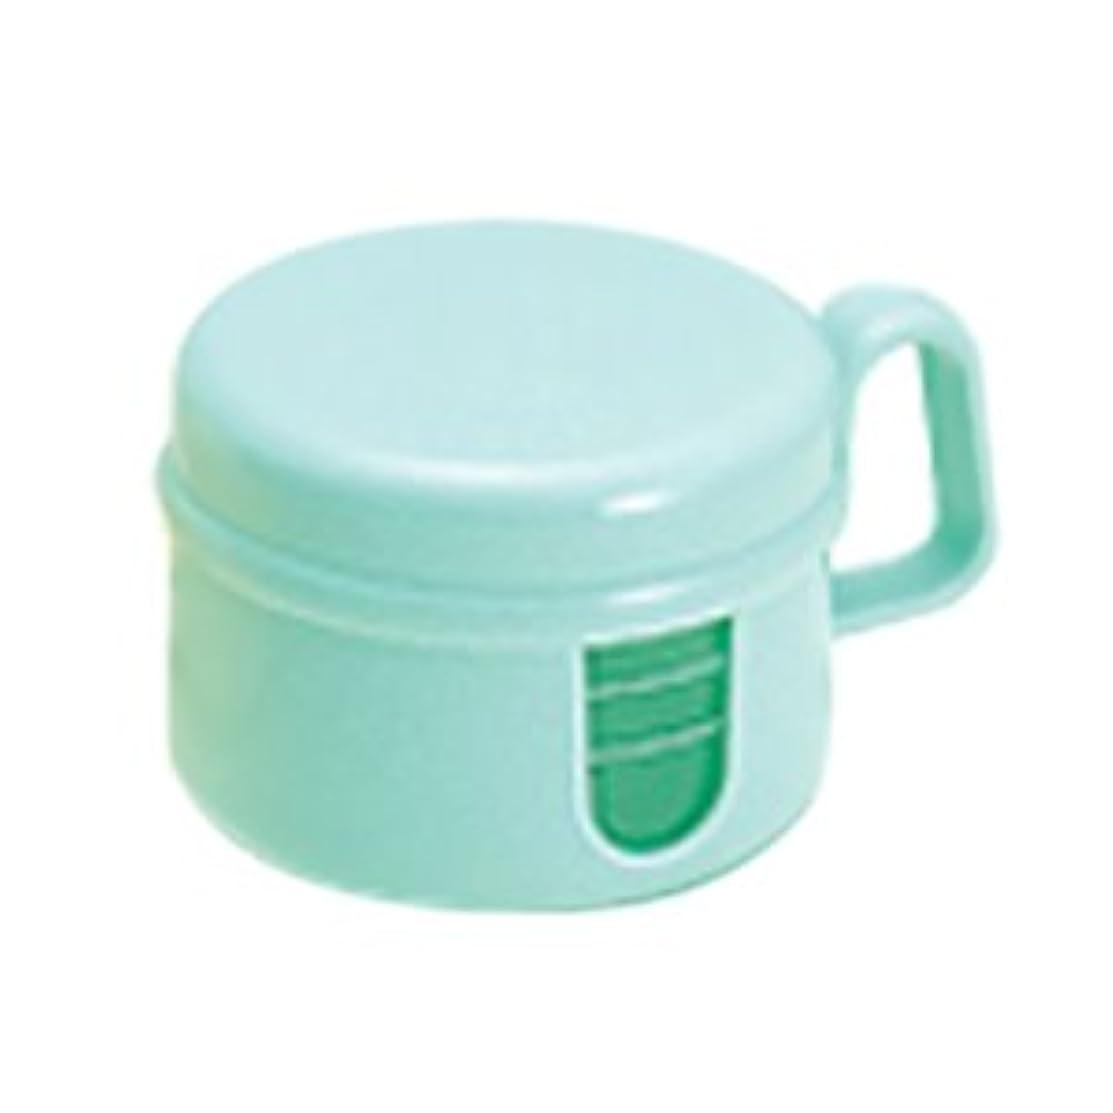 思想電子レンジ不名誉な松風 ピカ 入れ歯 洗浄保存容器 グリーン